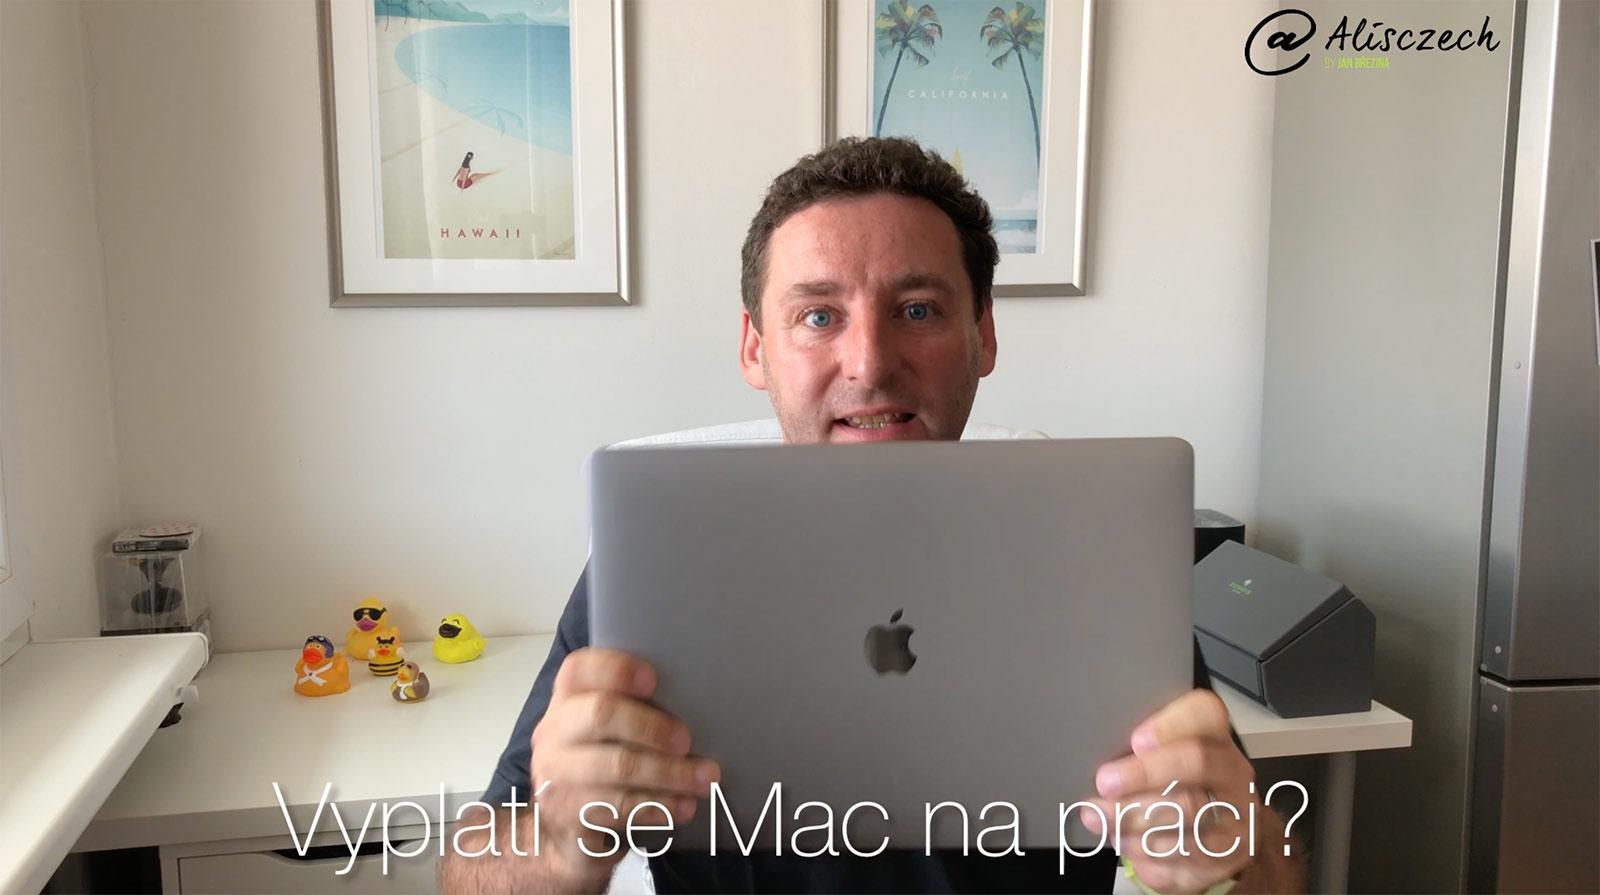 Mac: 100% pracovní nástroj